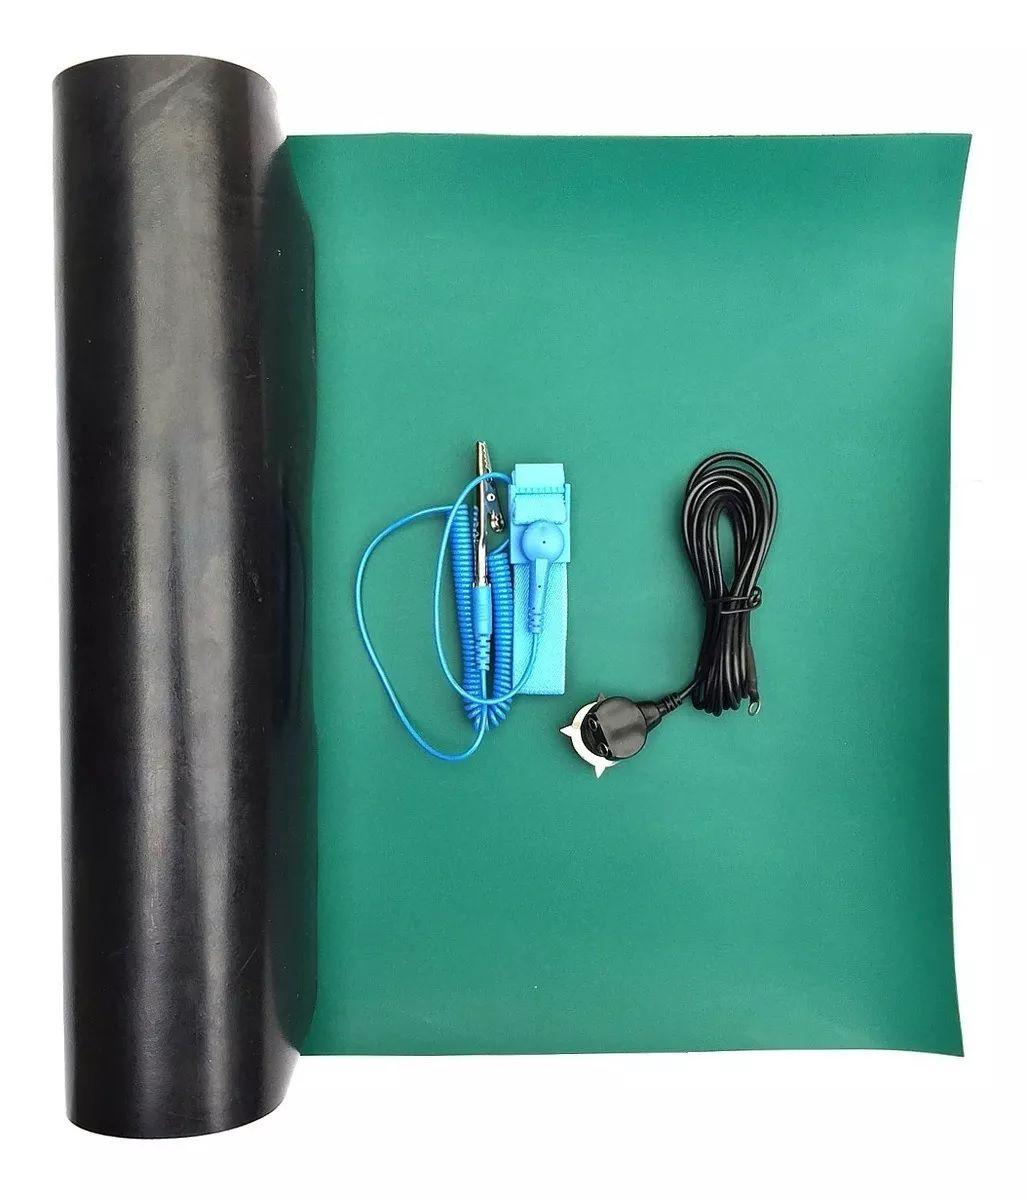 Kit Anti-estático com Manta Verde 30 x 50cm Cabo de aterramento e pulseira anti-estatica com fio  - MRE Ferramentas